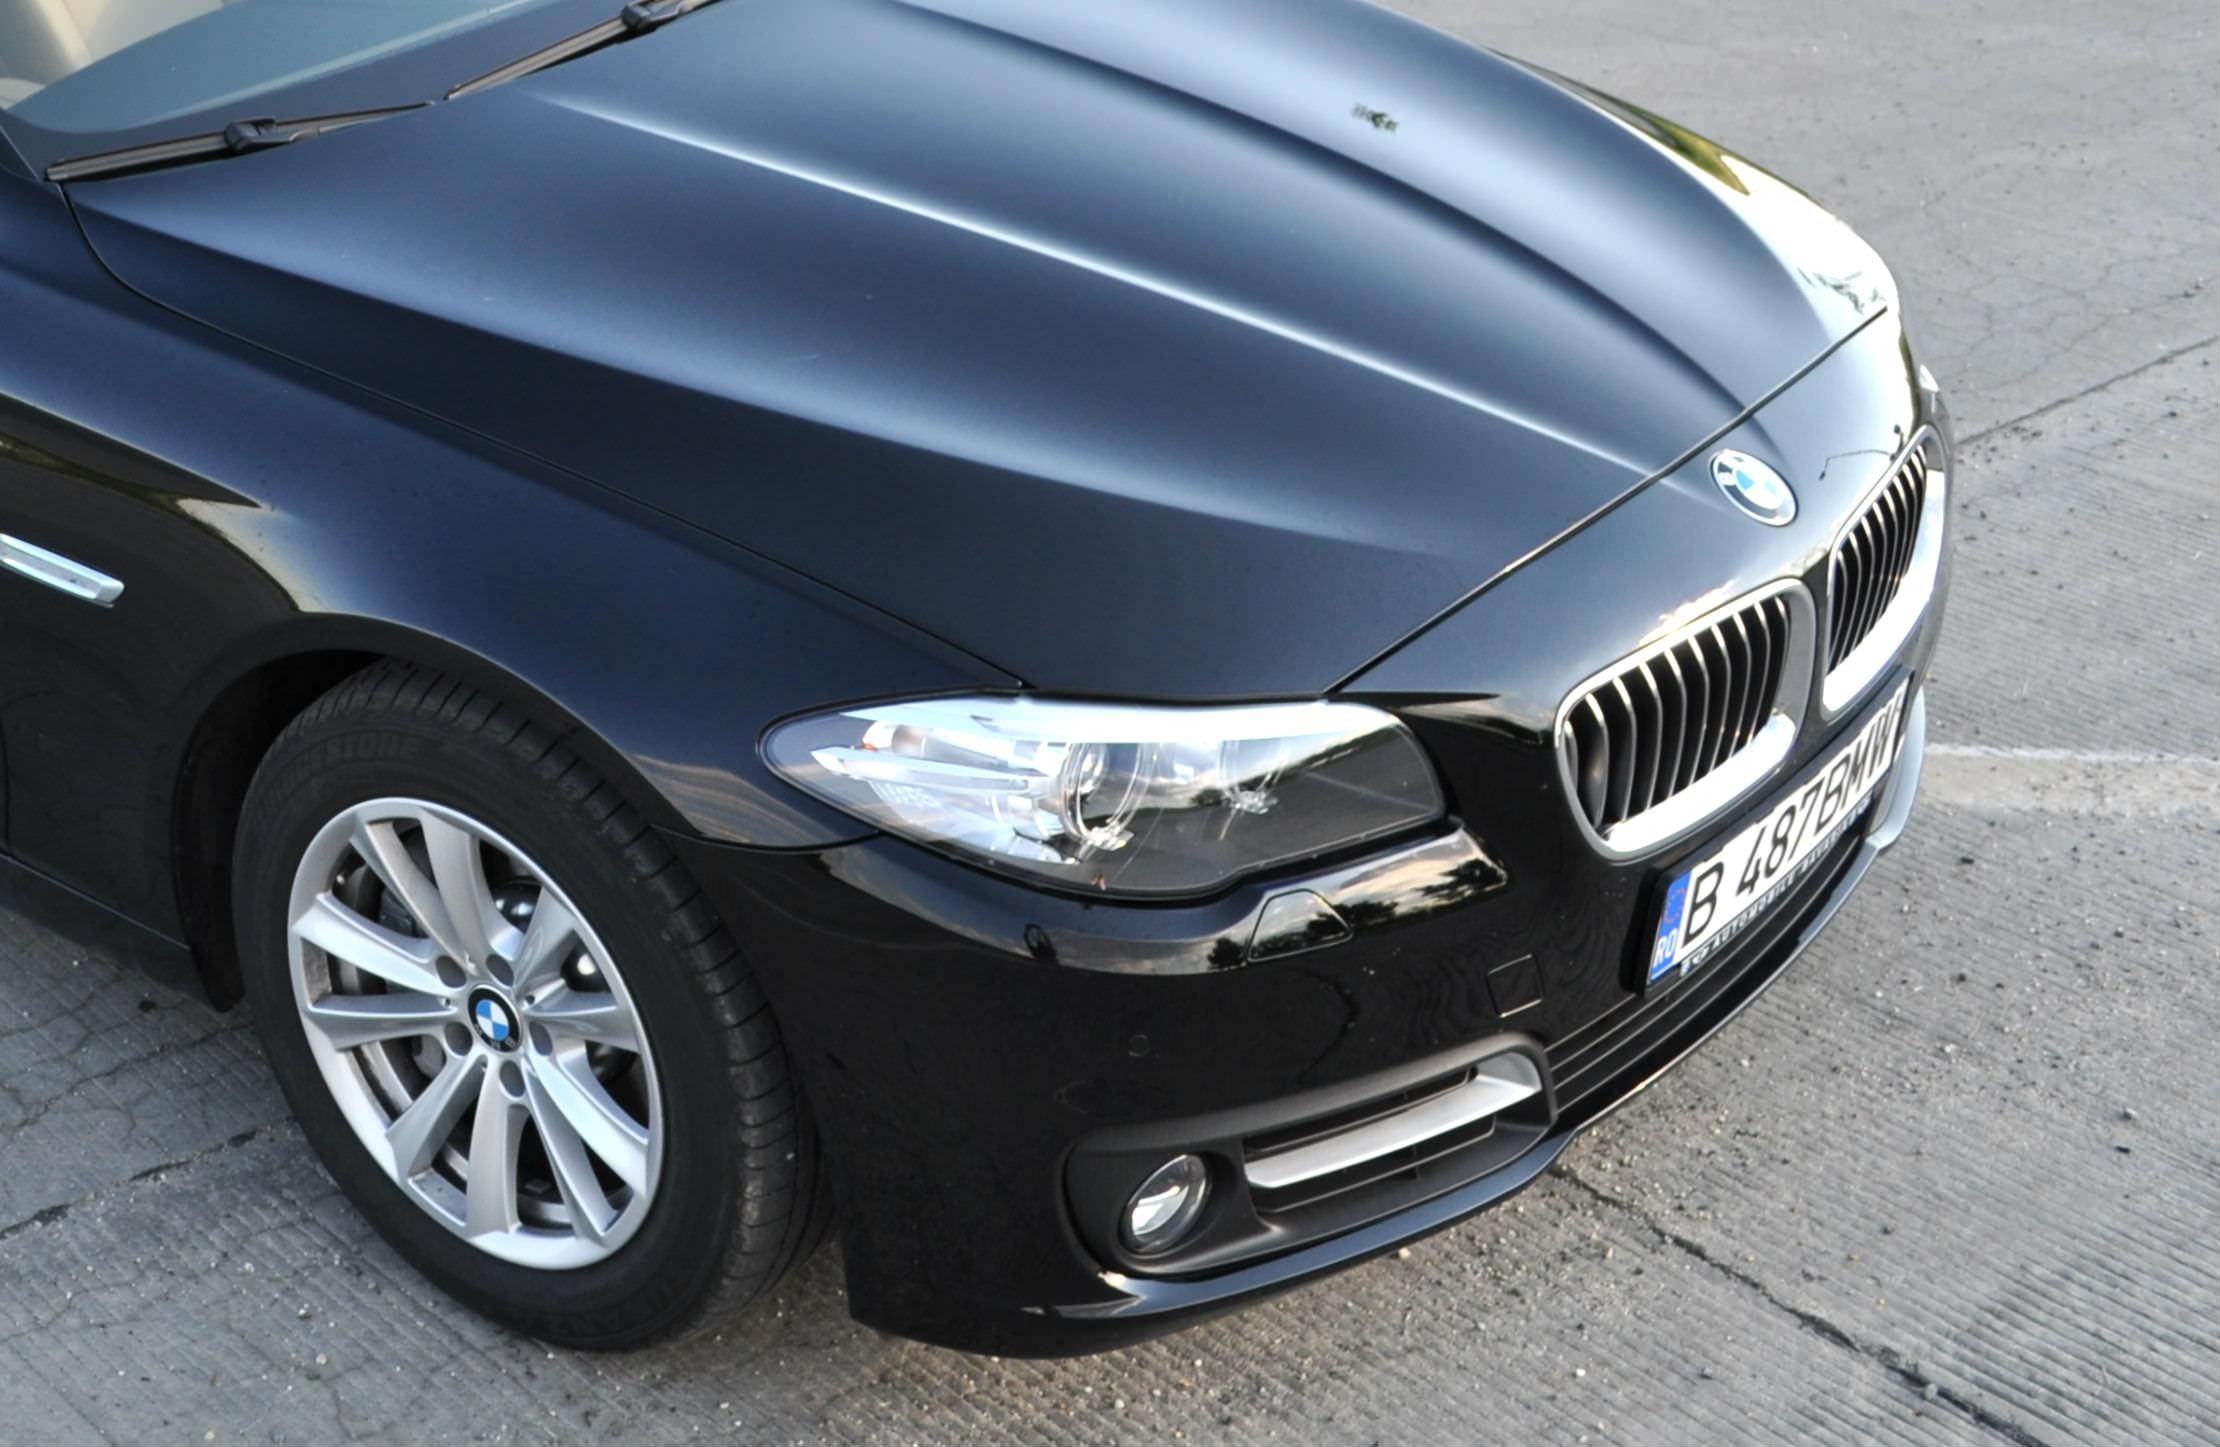 Primul test cu noul BMW Seria 5 facelift-Test in RO BMW 525d xDrive 2014